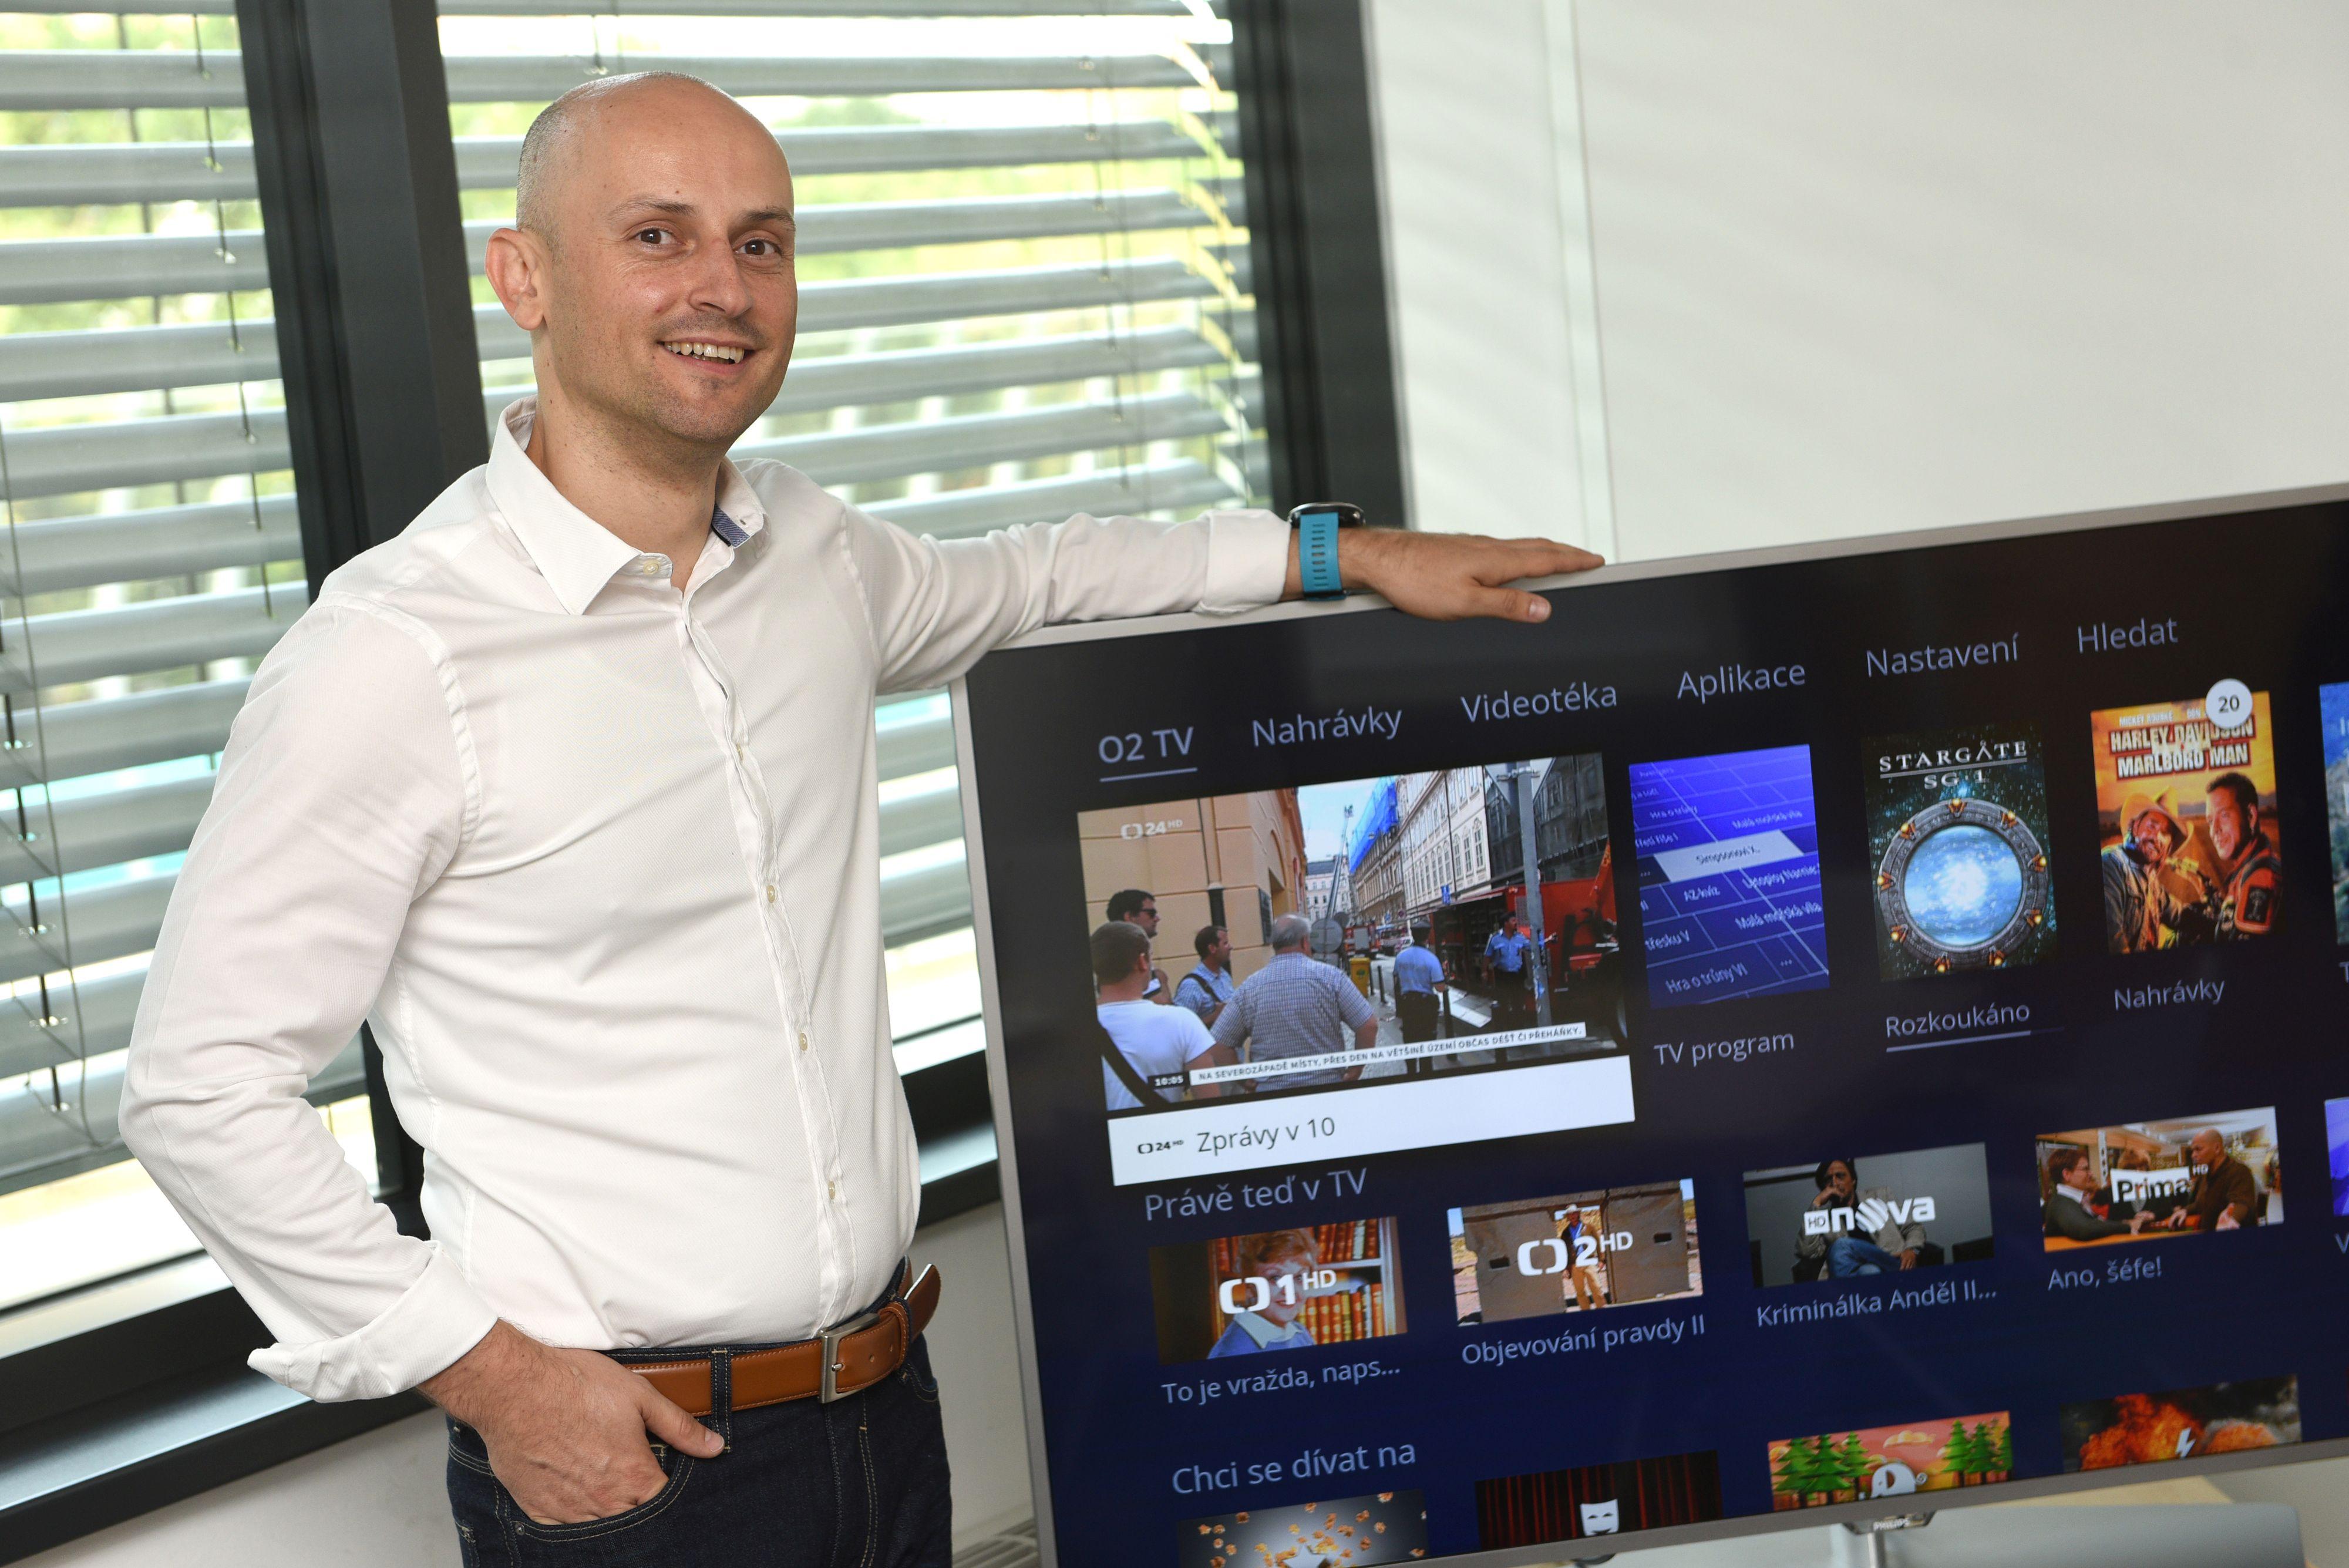 470205b49 Branislav Valo, O2TV: Náš nový set-top box umožňuje příjem Ultra HD i  DVB-T2 | Digital